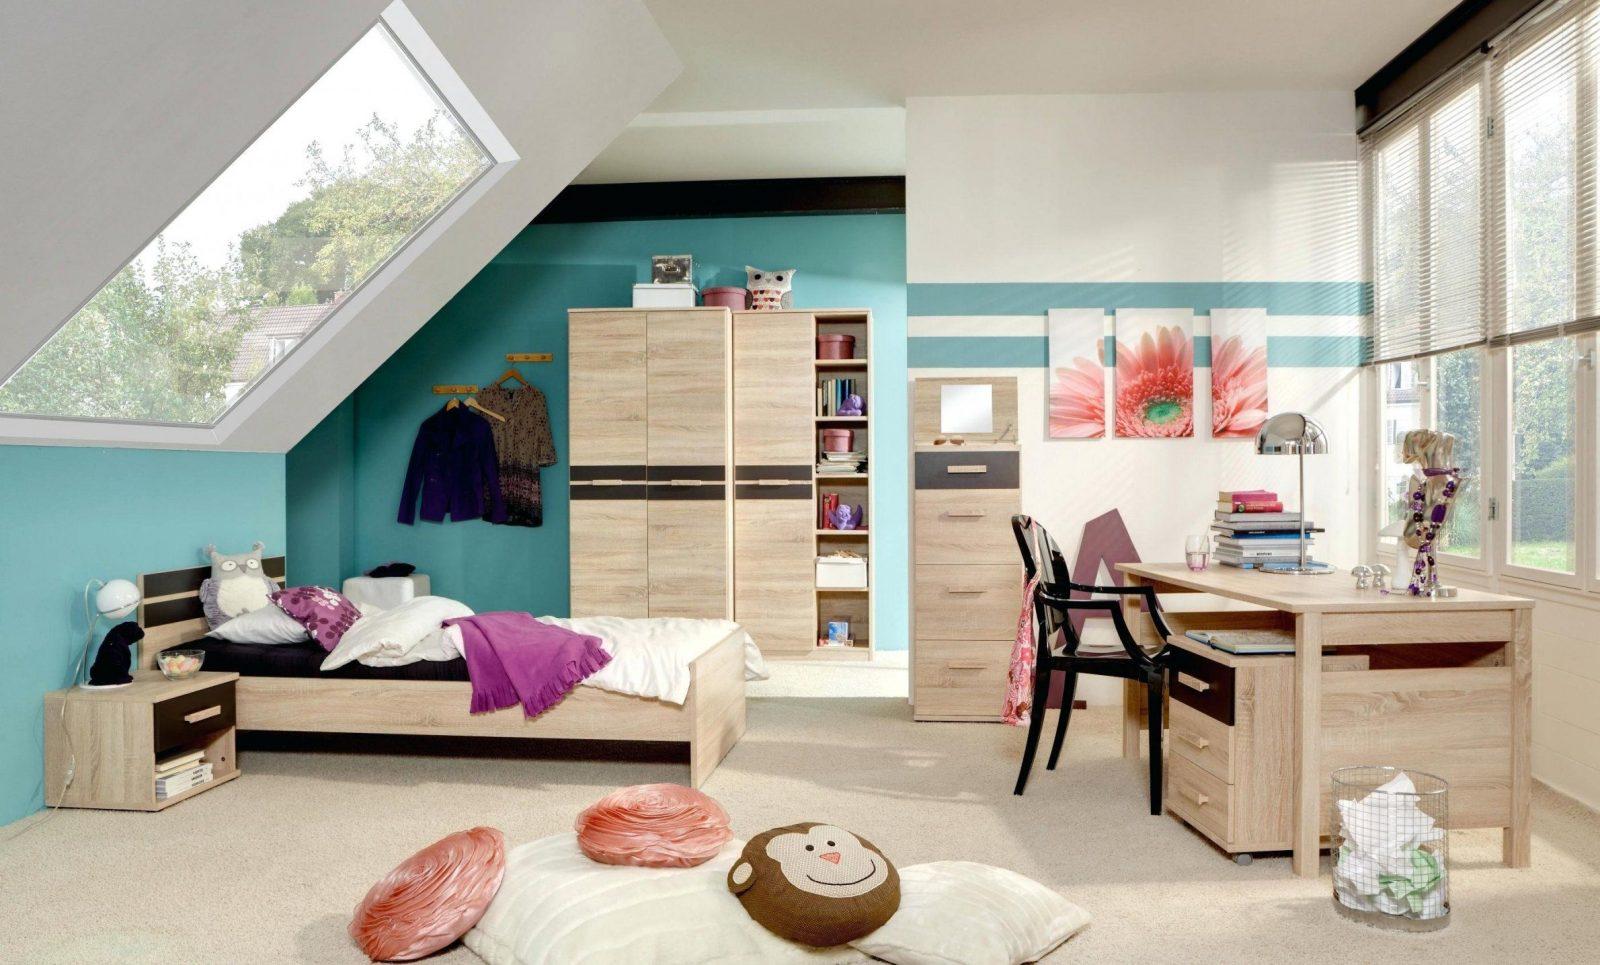 ... Moderne Jugendzimmer Madchen Mobel Gestaltung U2013 Venturecollective Von  Jugendzimmer Für Jungs Modern Photo ...